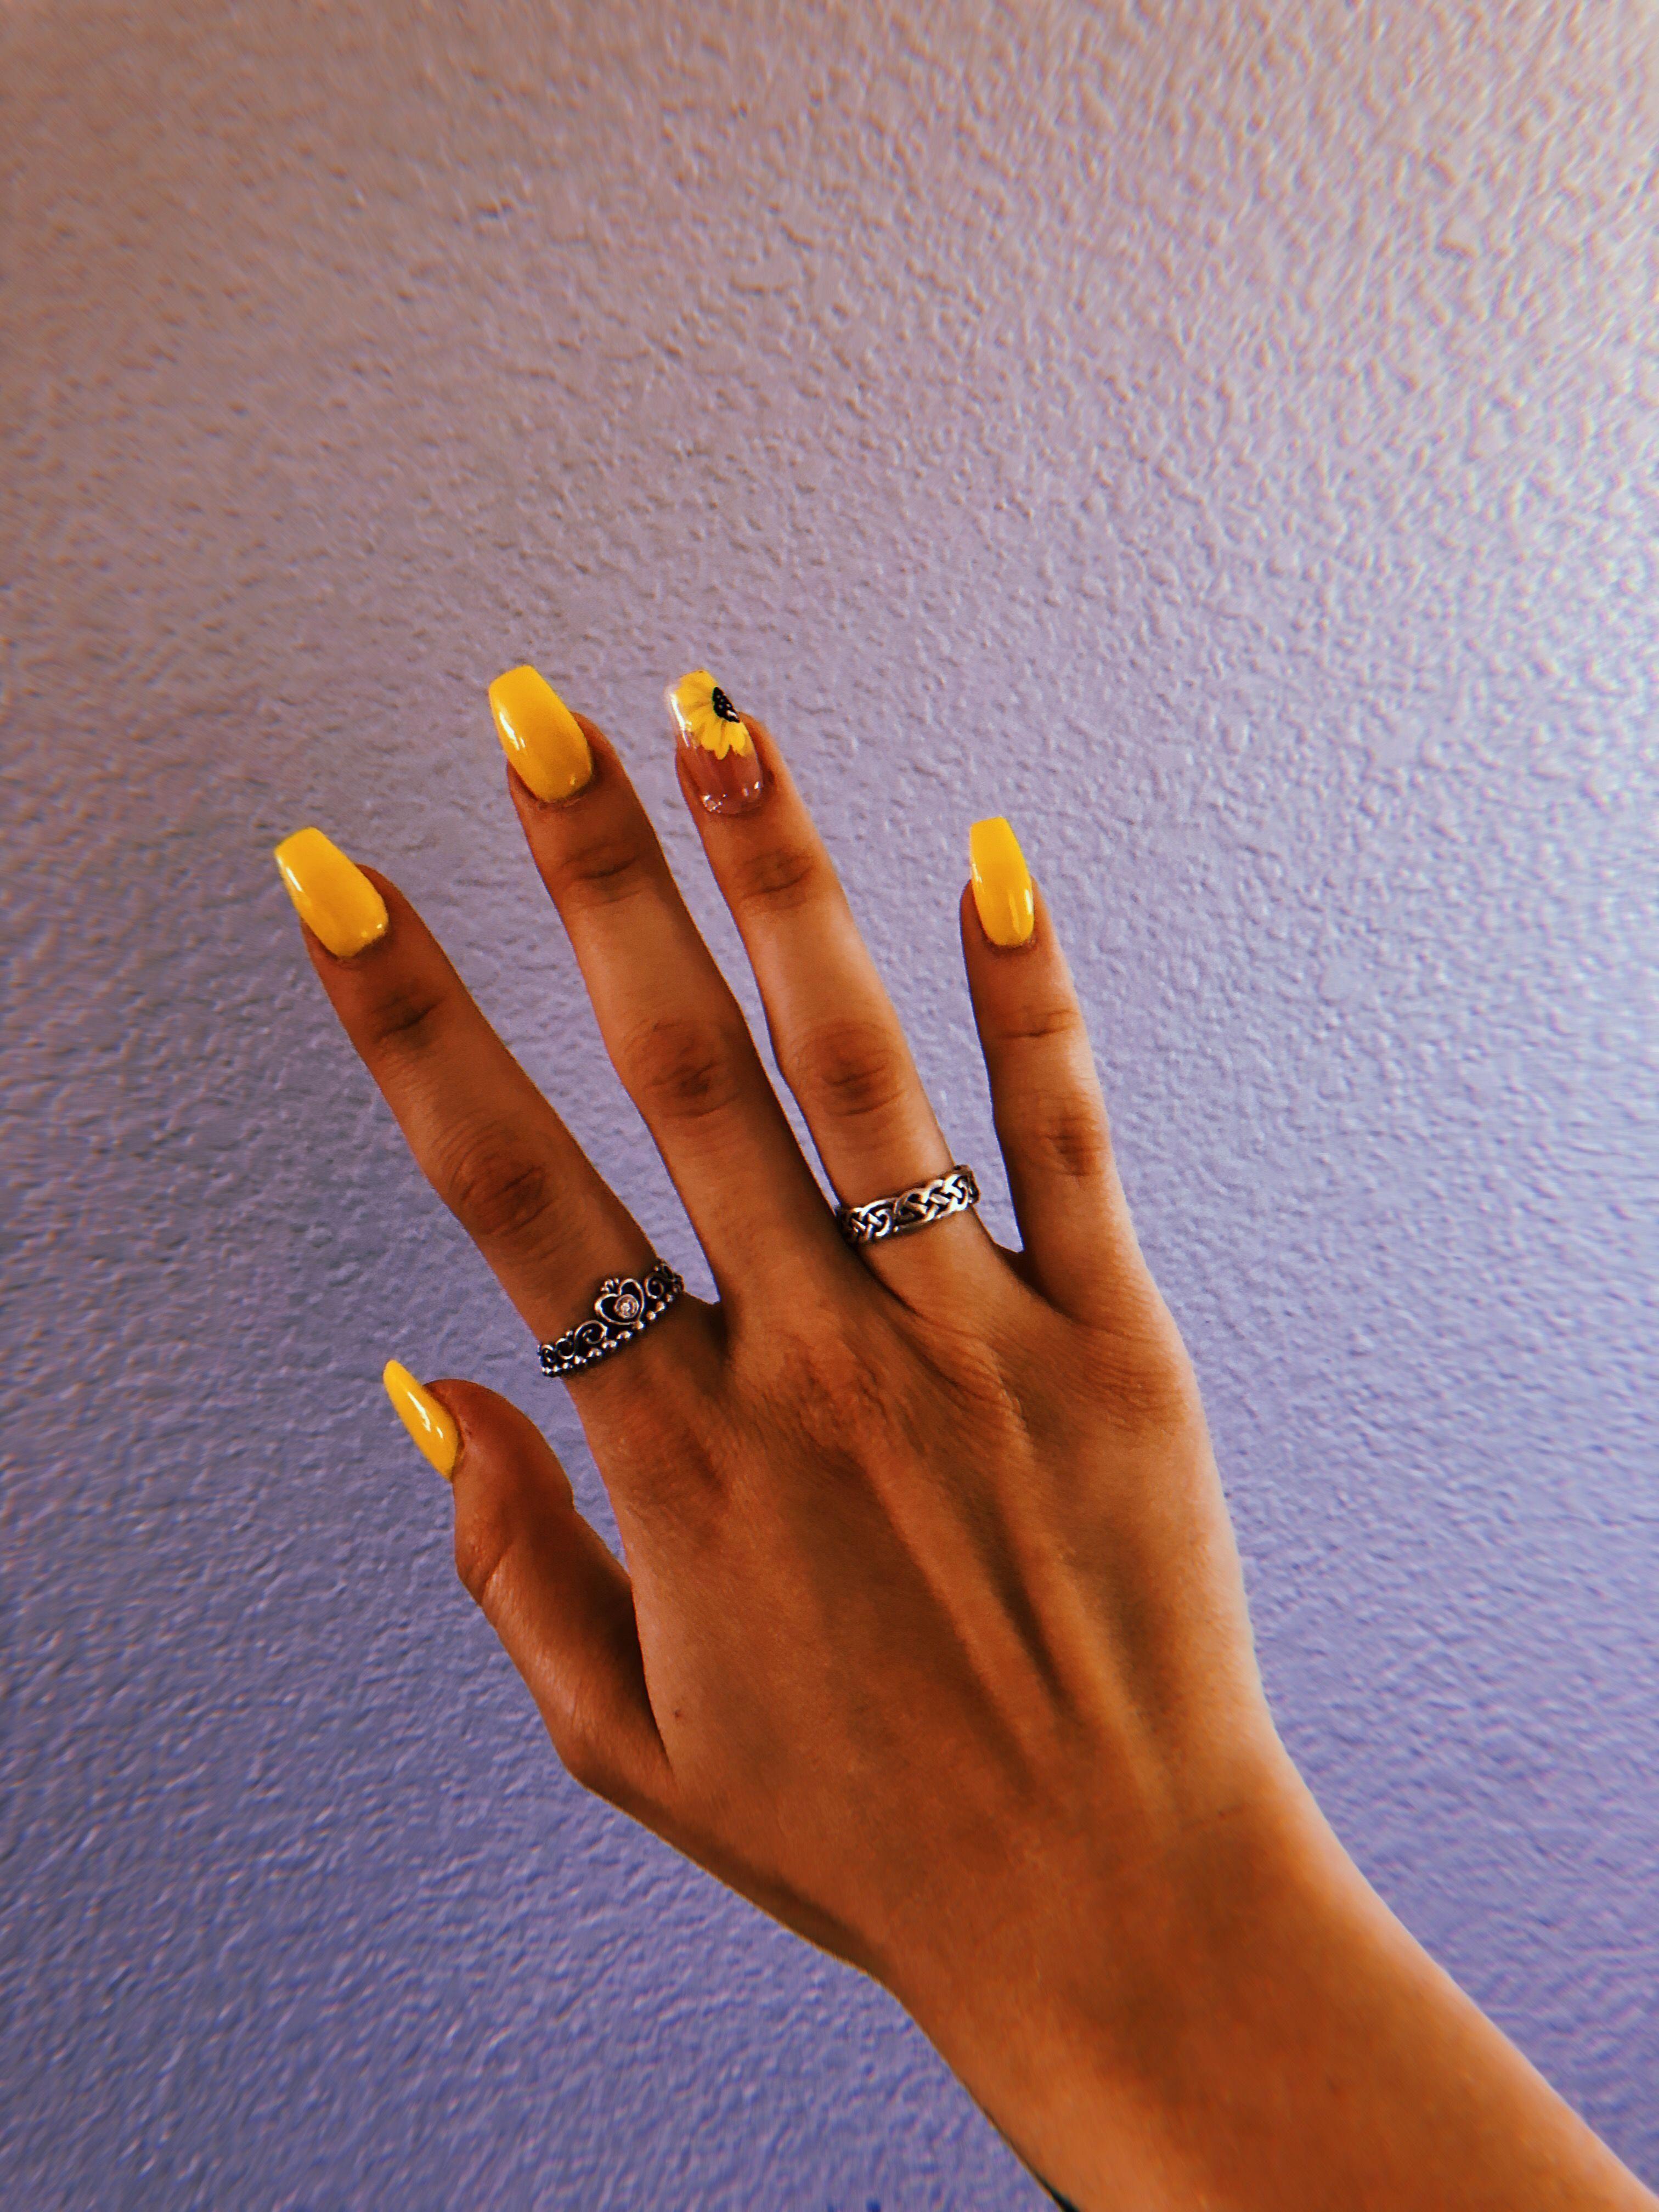 Neon yellow nail polish | Yellow nail polish, Neon yellow